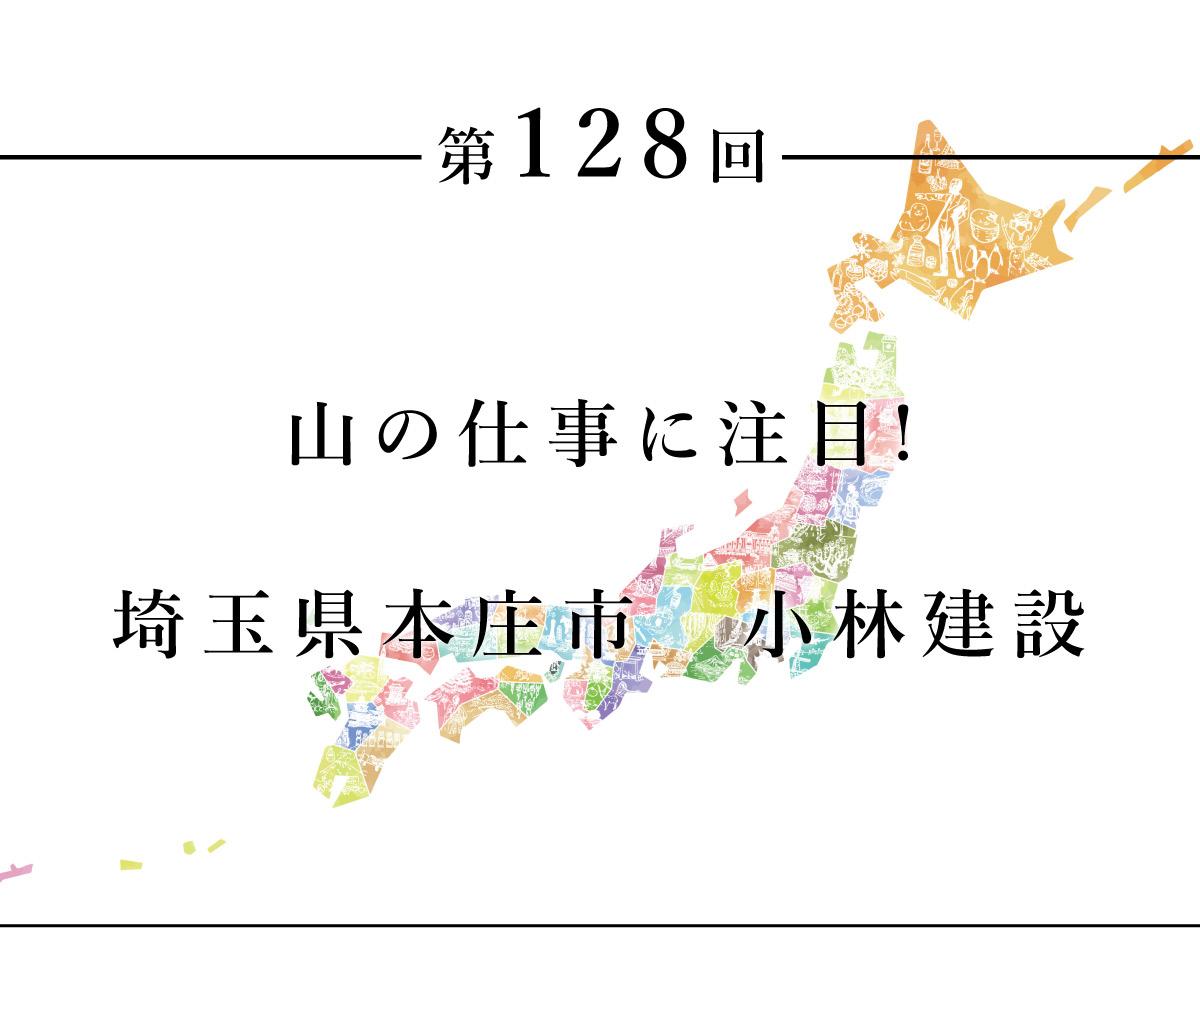 ちいきのたより第128回山の仕事に注目! 埼玉県本庄市 小林建設